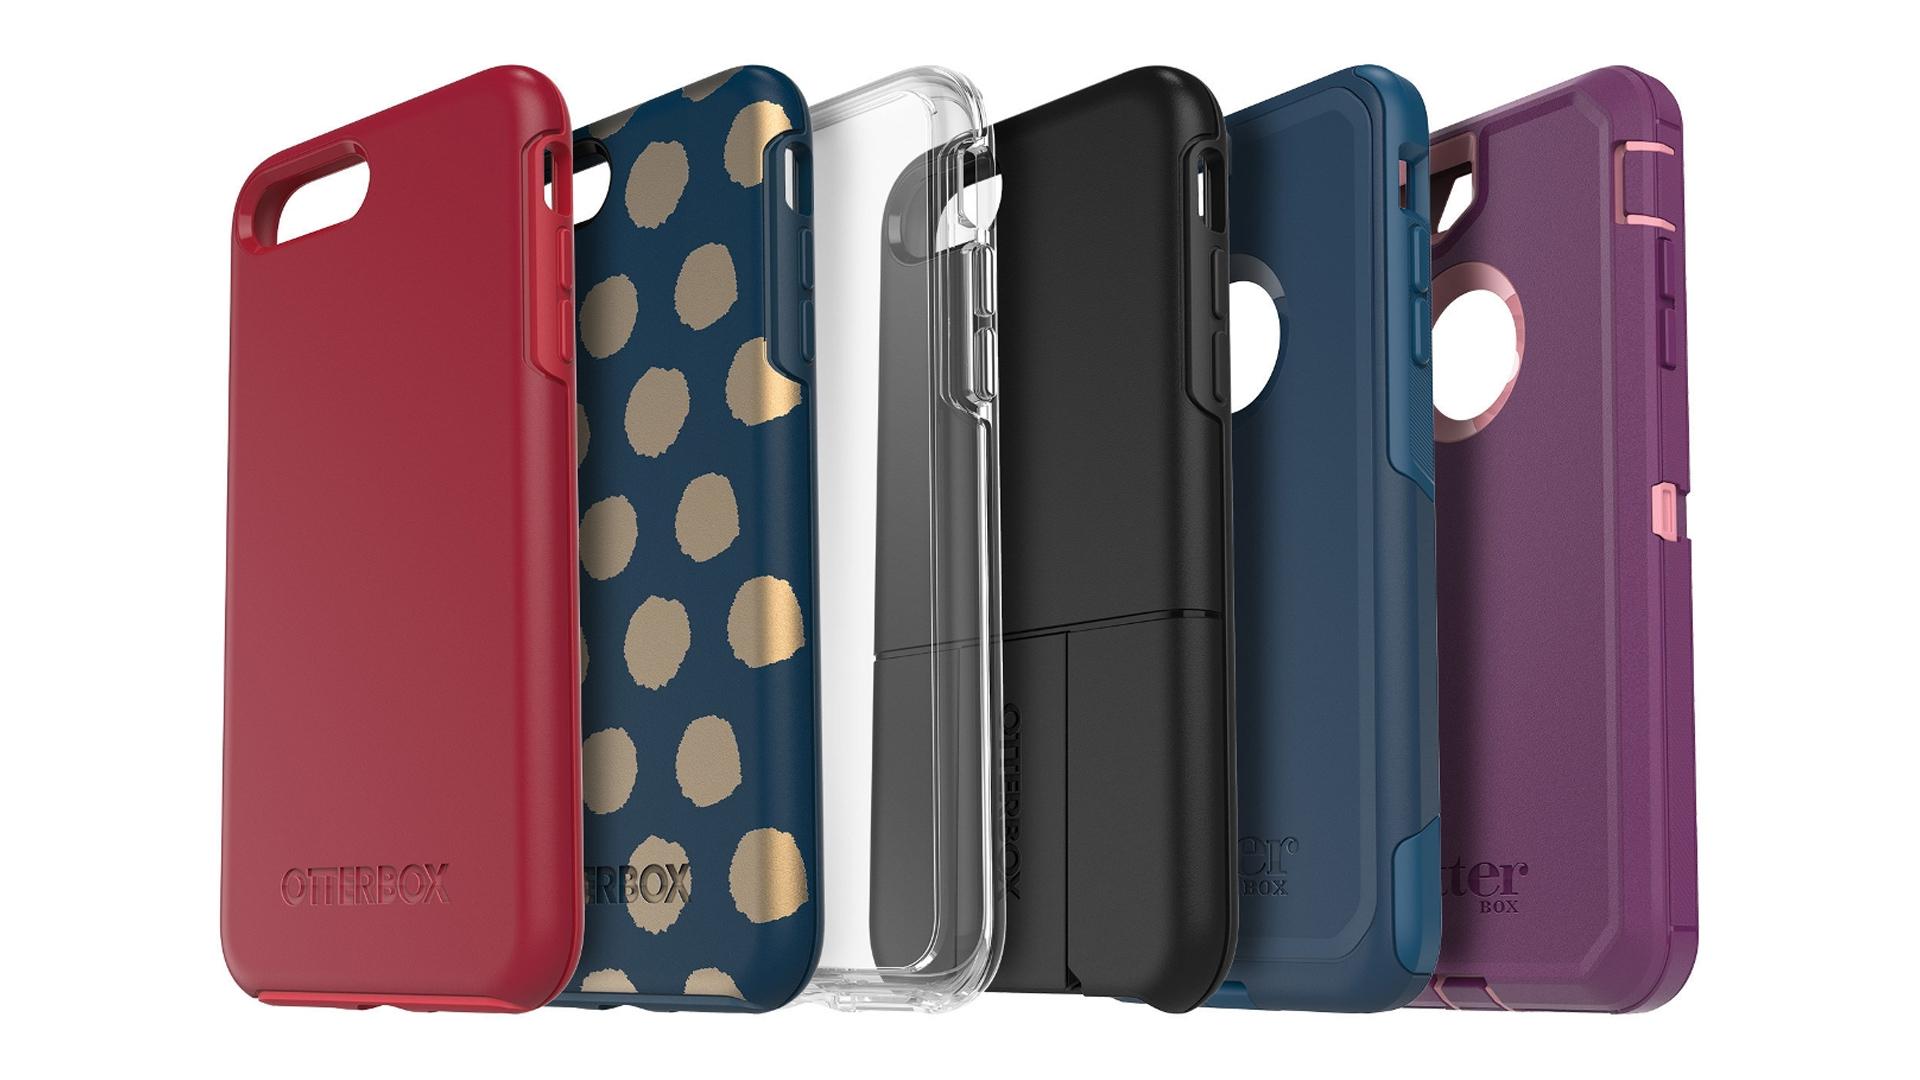 EczPAUX8QAPzh2zqXubAVP - The best iPhone 7 Plus cases